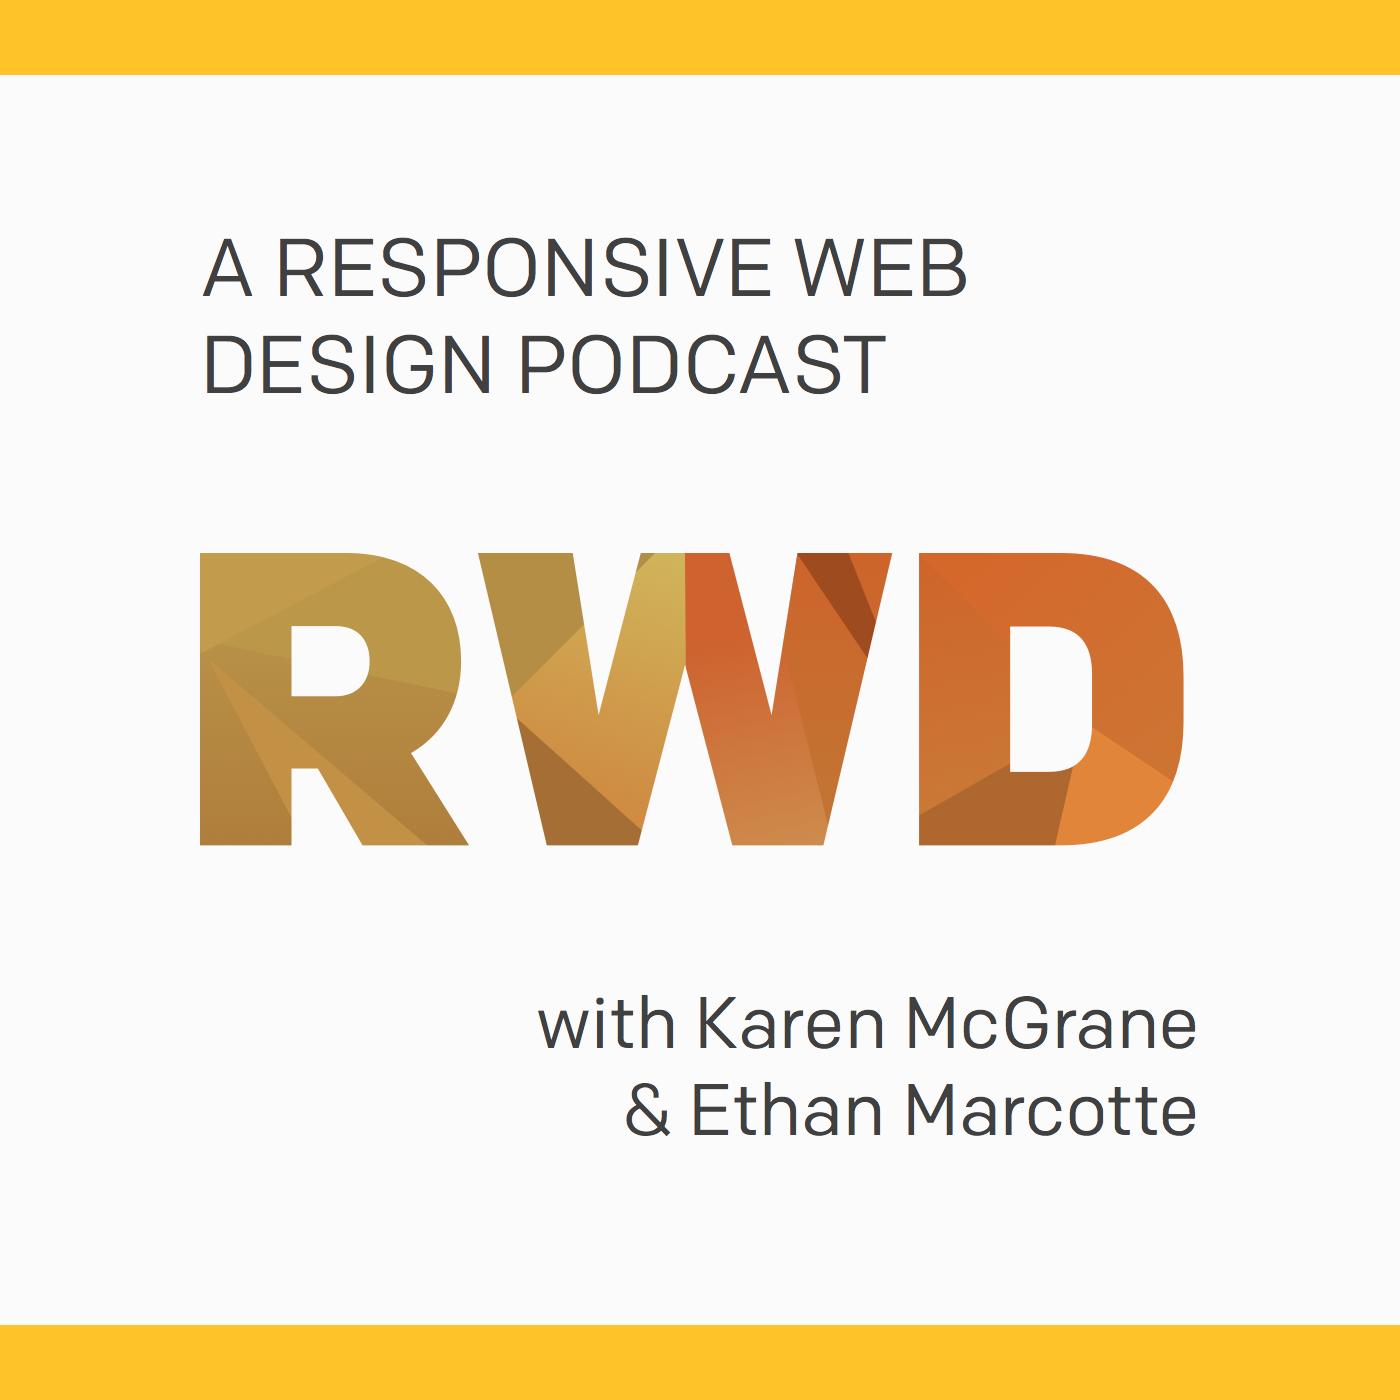 A Responsive Web Design Podcast